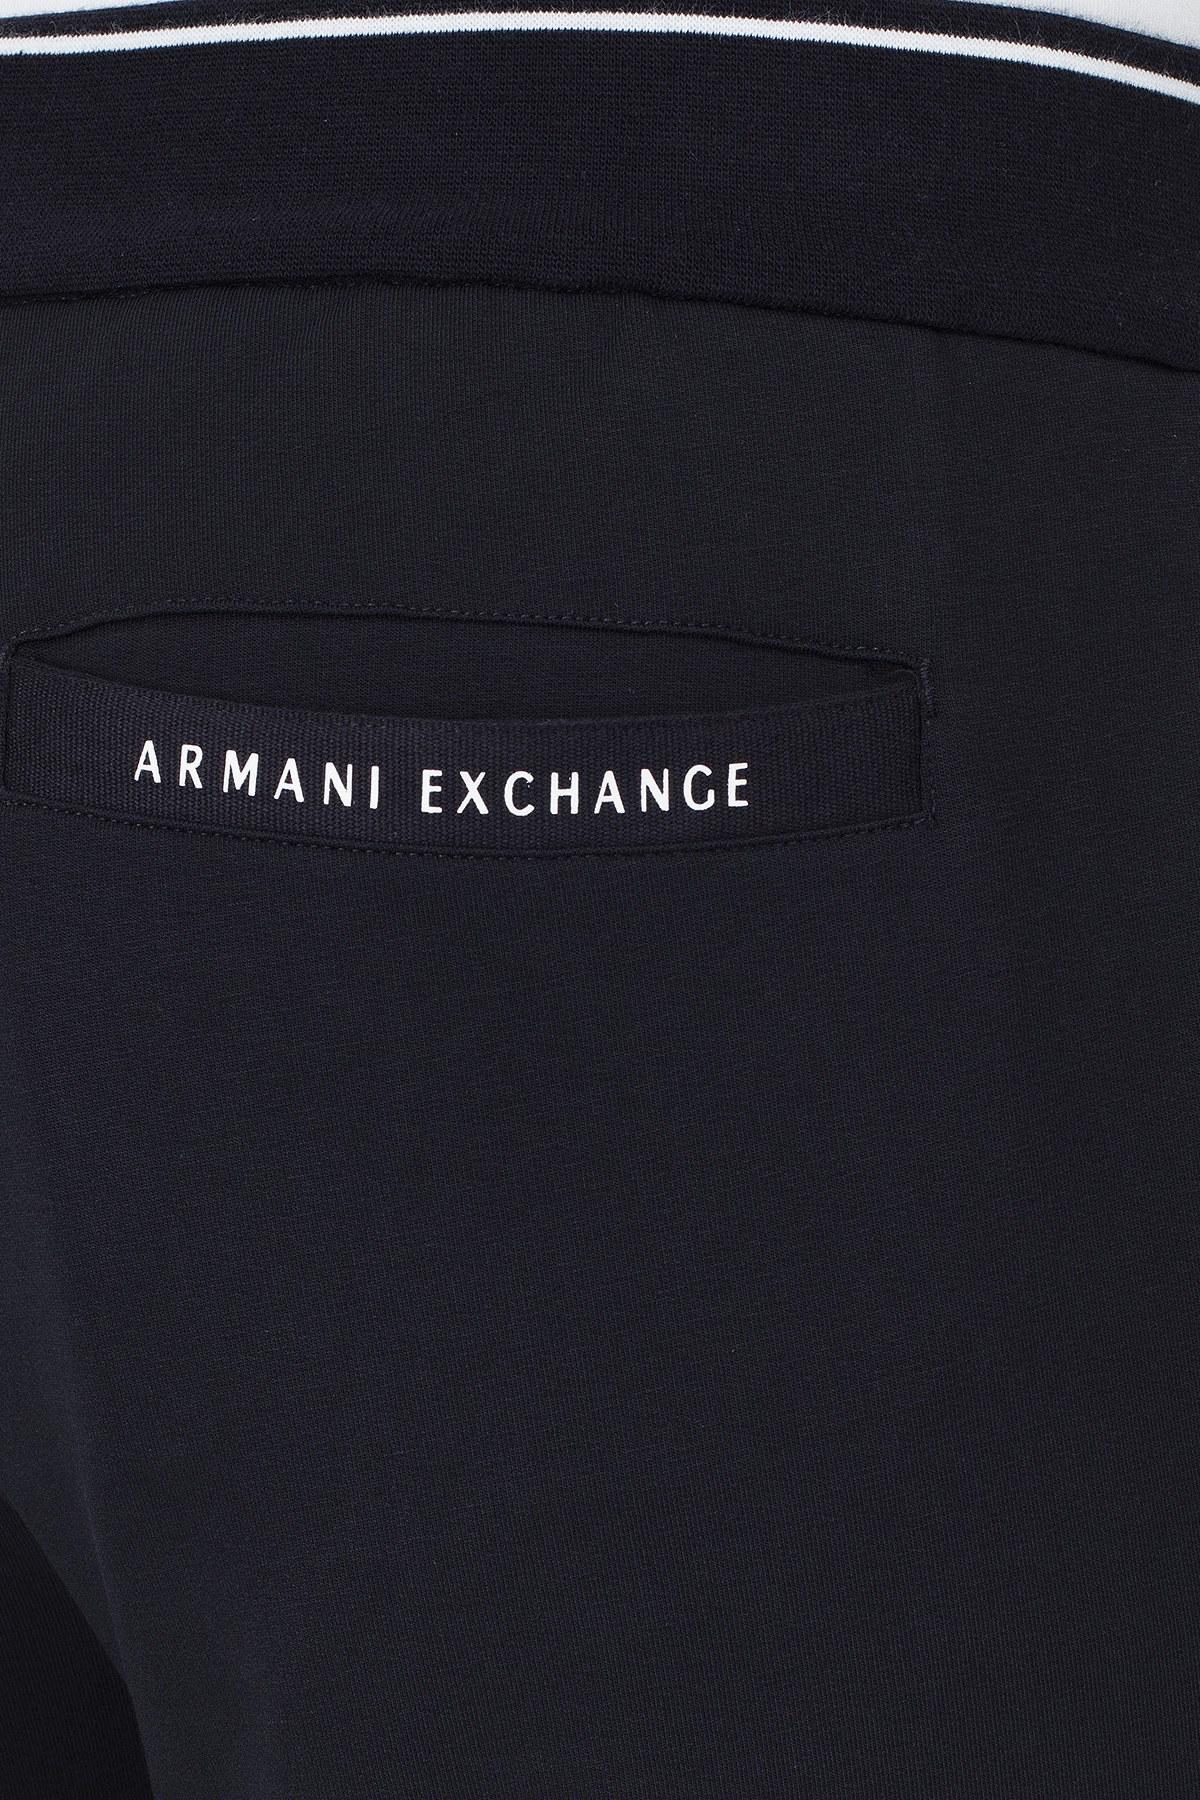 Armani Exchange Beli ve Paçası Lastikli Erkek Eşofman Altı 8NZP82 ZJH3Z 1510 LACİVERT